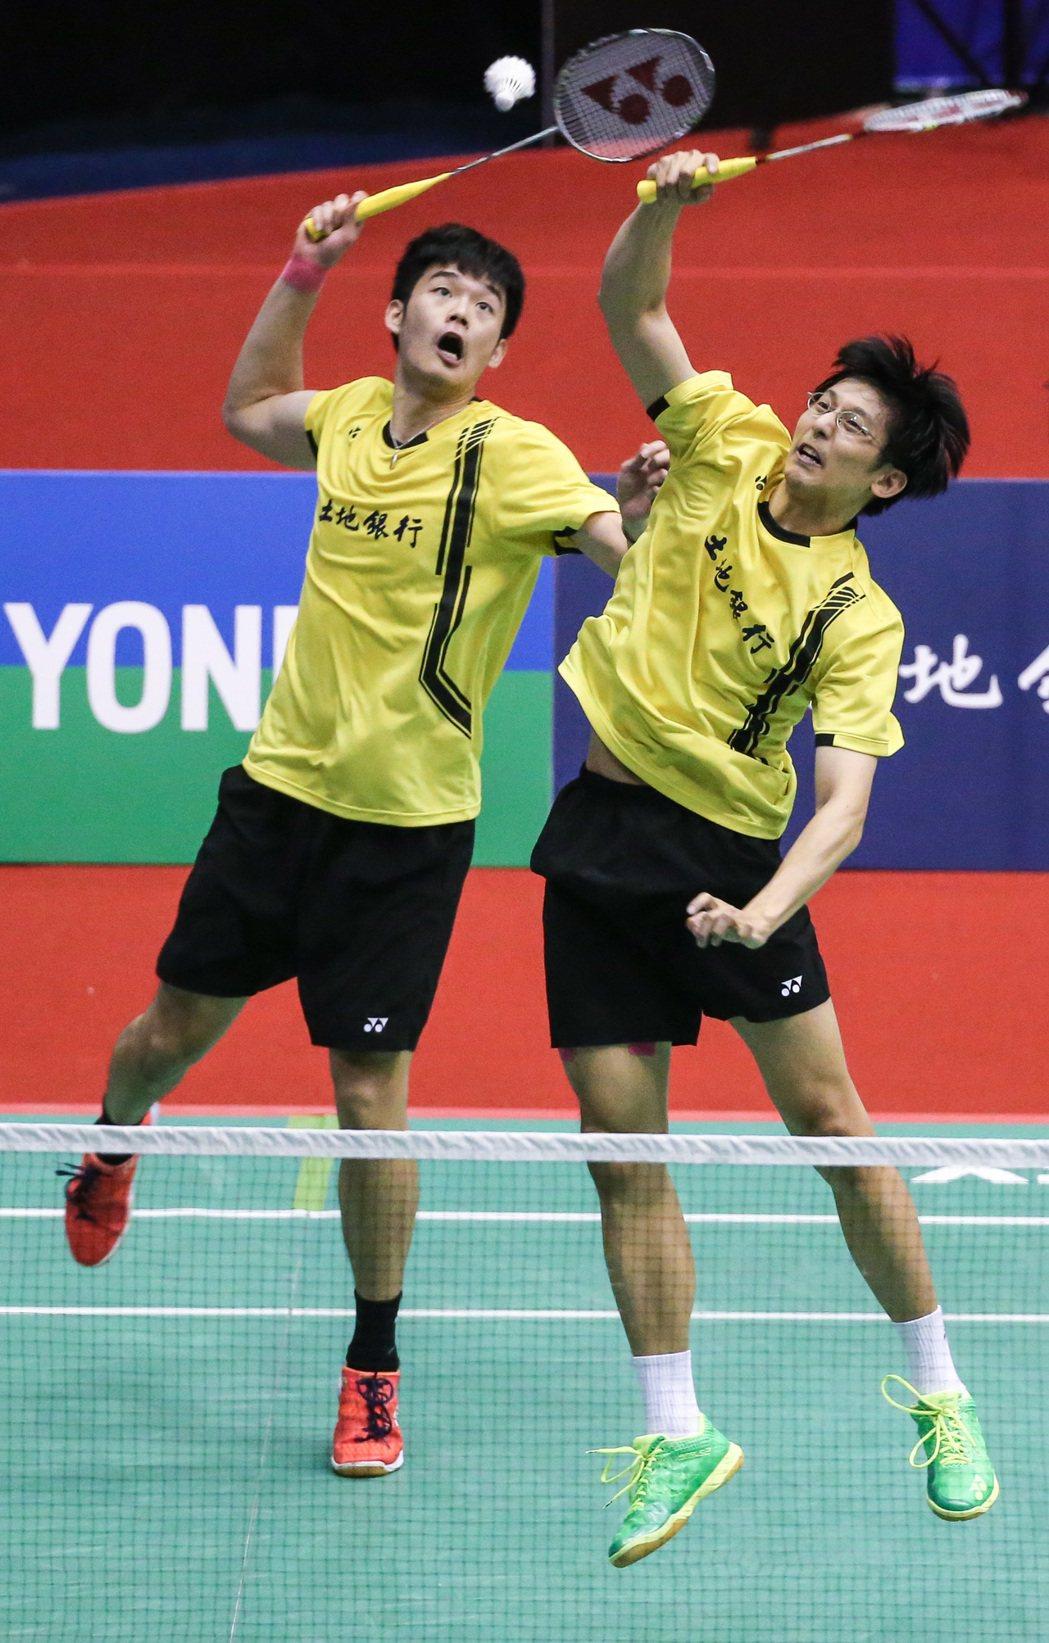 陳宏麟(右)、王齊麟(左)順利闖進八強。記者鄭清元/攝影